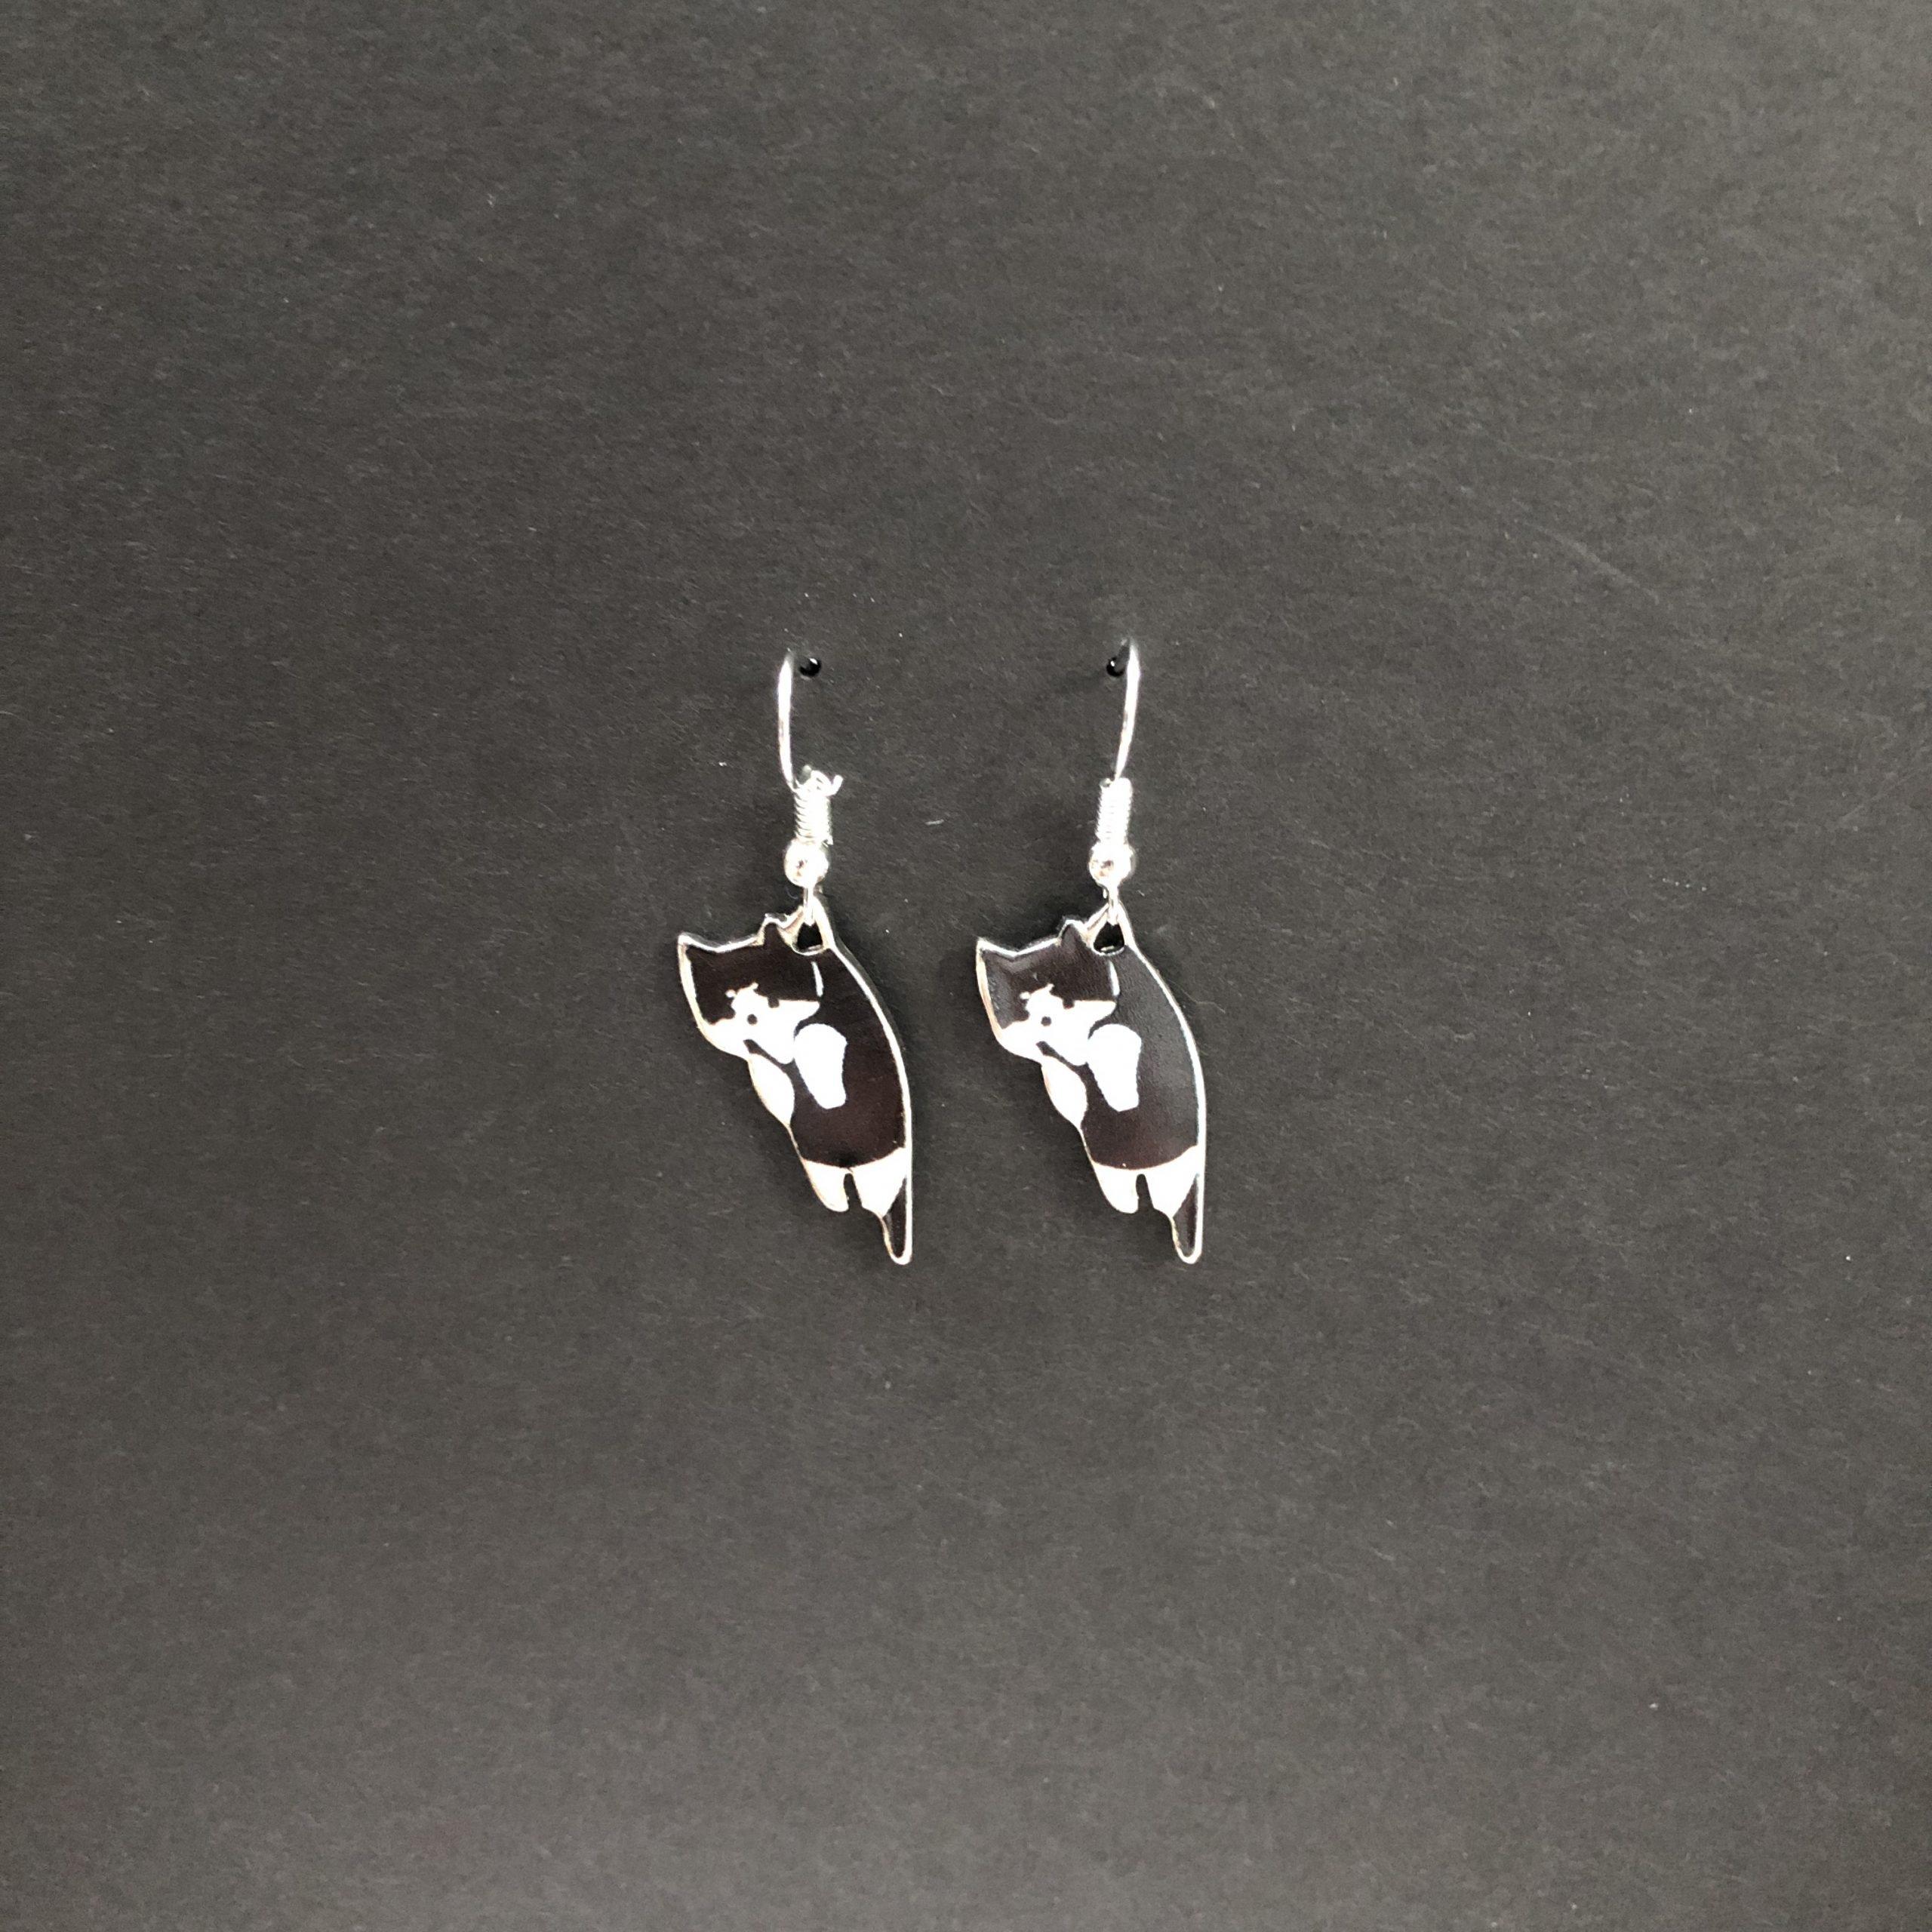 Tuxedo Trouble B&W earrings